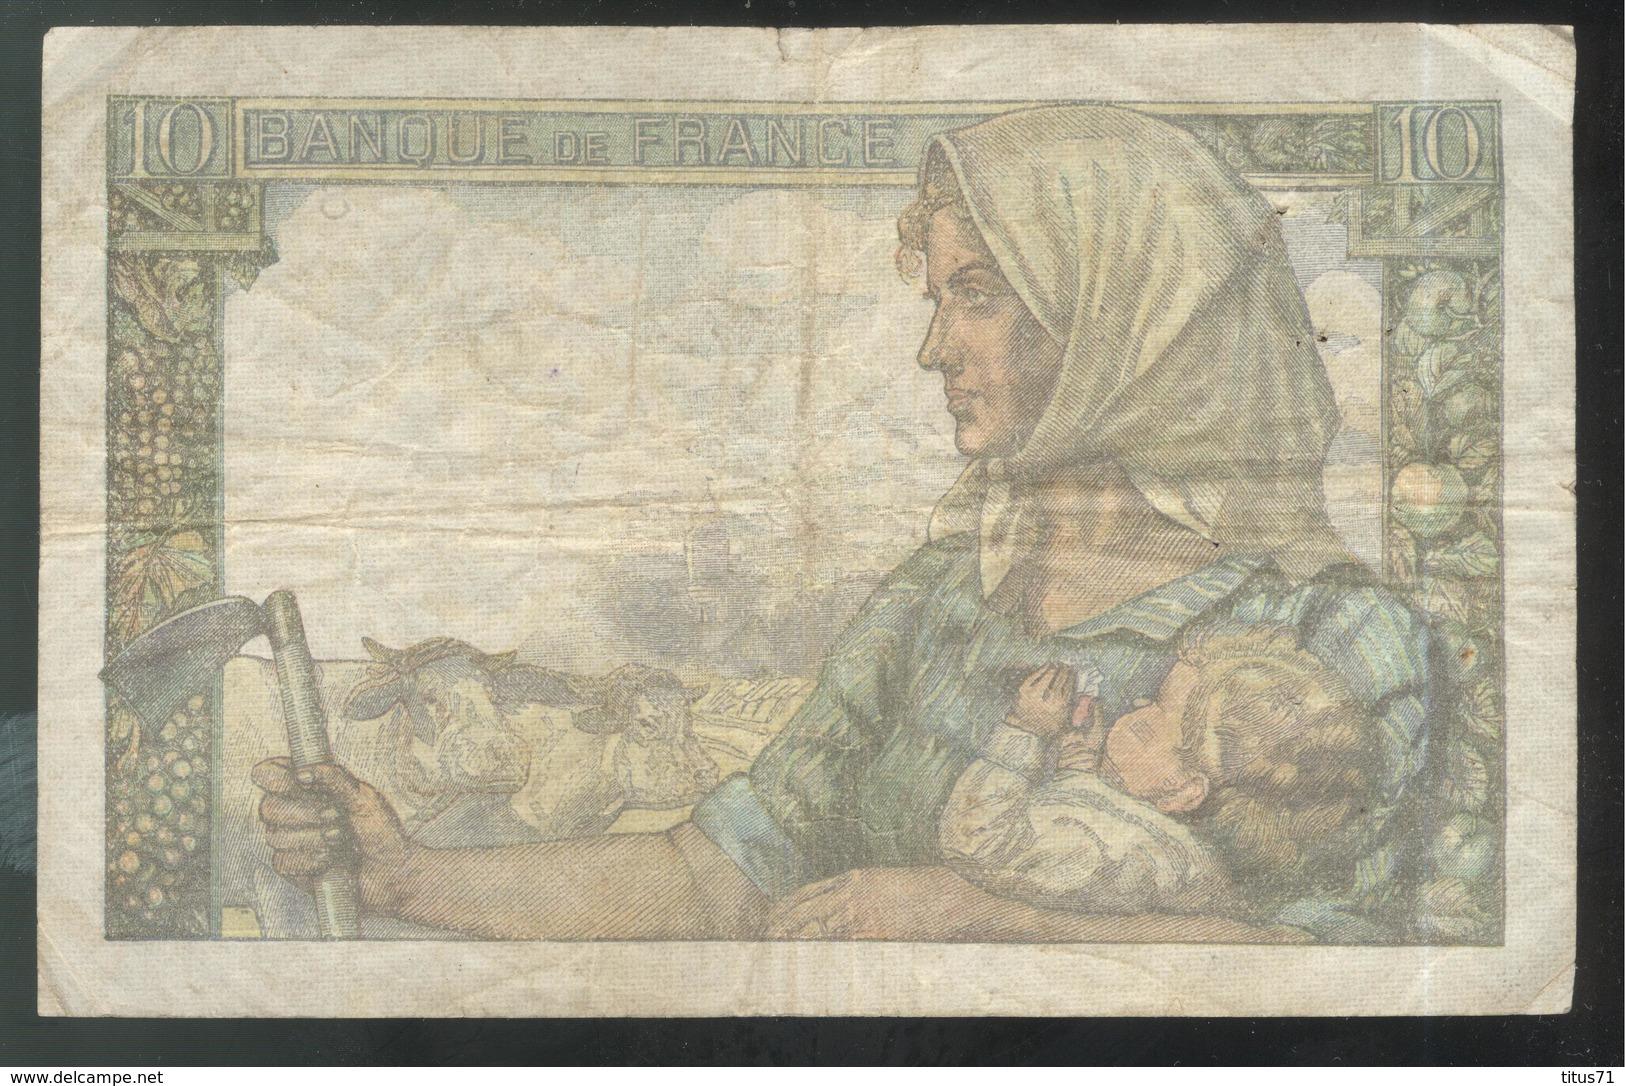 Billet 10 Francs France Mineur 4-12-1947 Bon état - 10 F 1941-1949 ''Mineur''